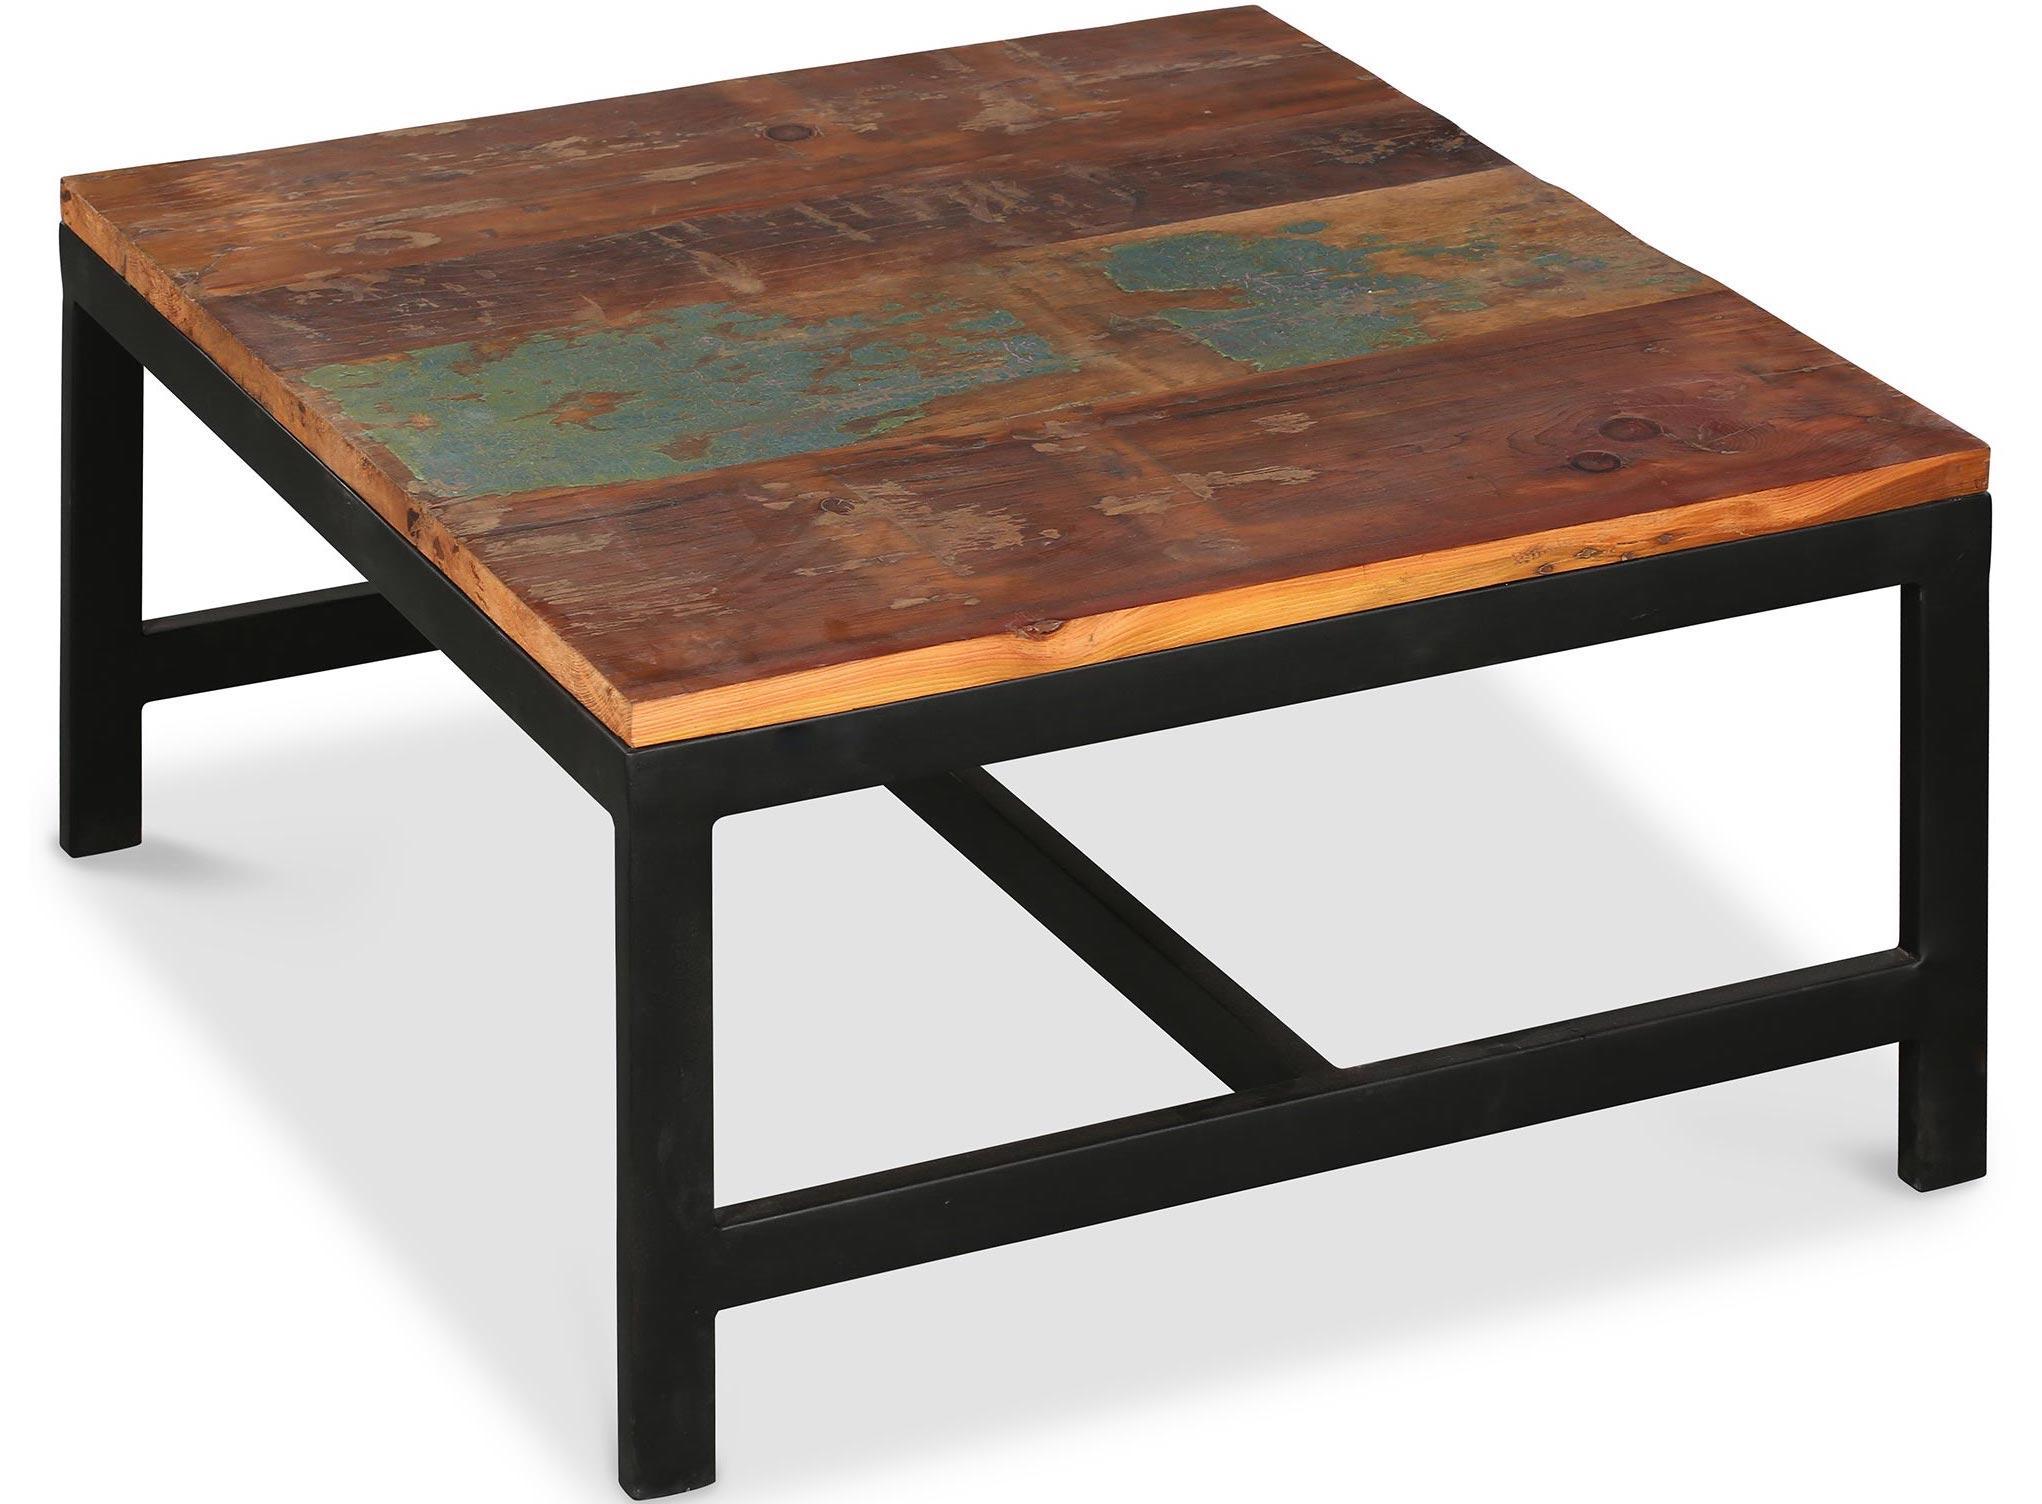 table basse industriel acier et bois manka. Black Bedroom Furniture Sets. Home Design Ideas